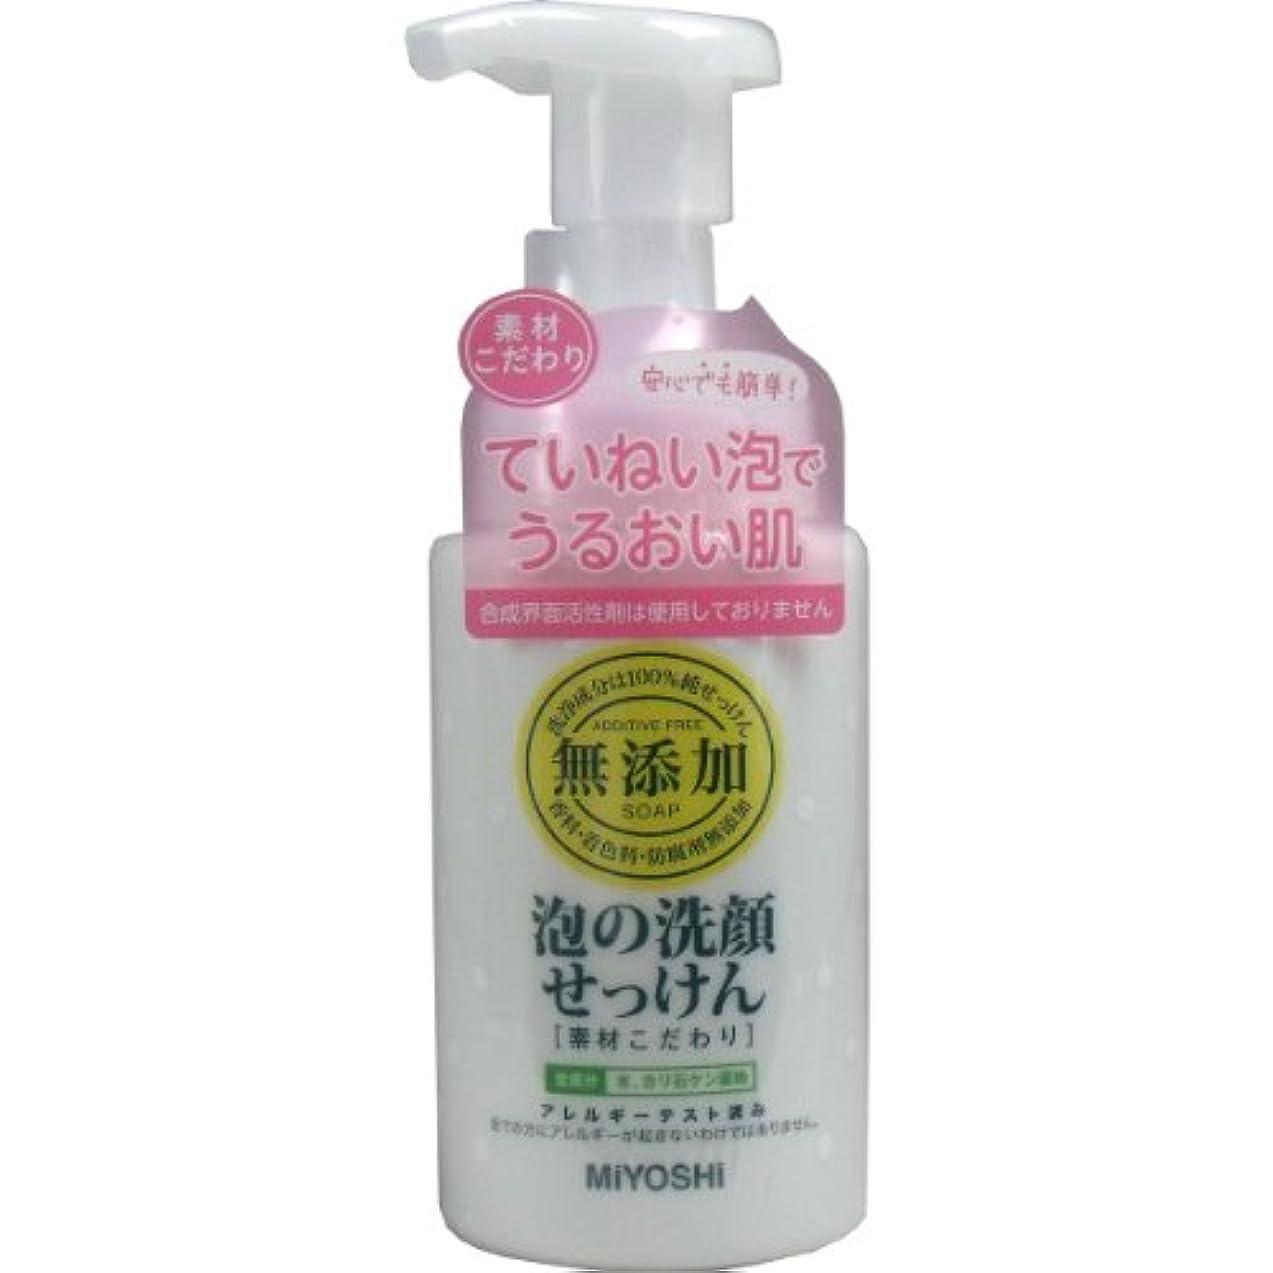 疑い剪断静脈【まとめ買い】無添加 素材こだわり 泡の洗顔せっけん 200ml ×2セット